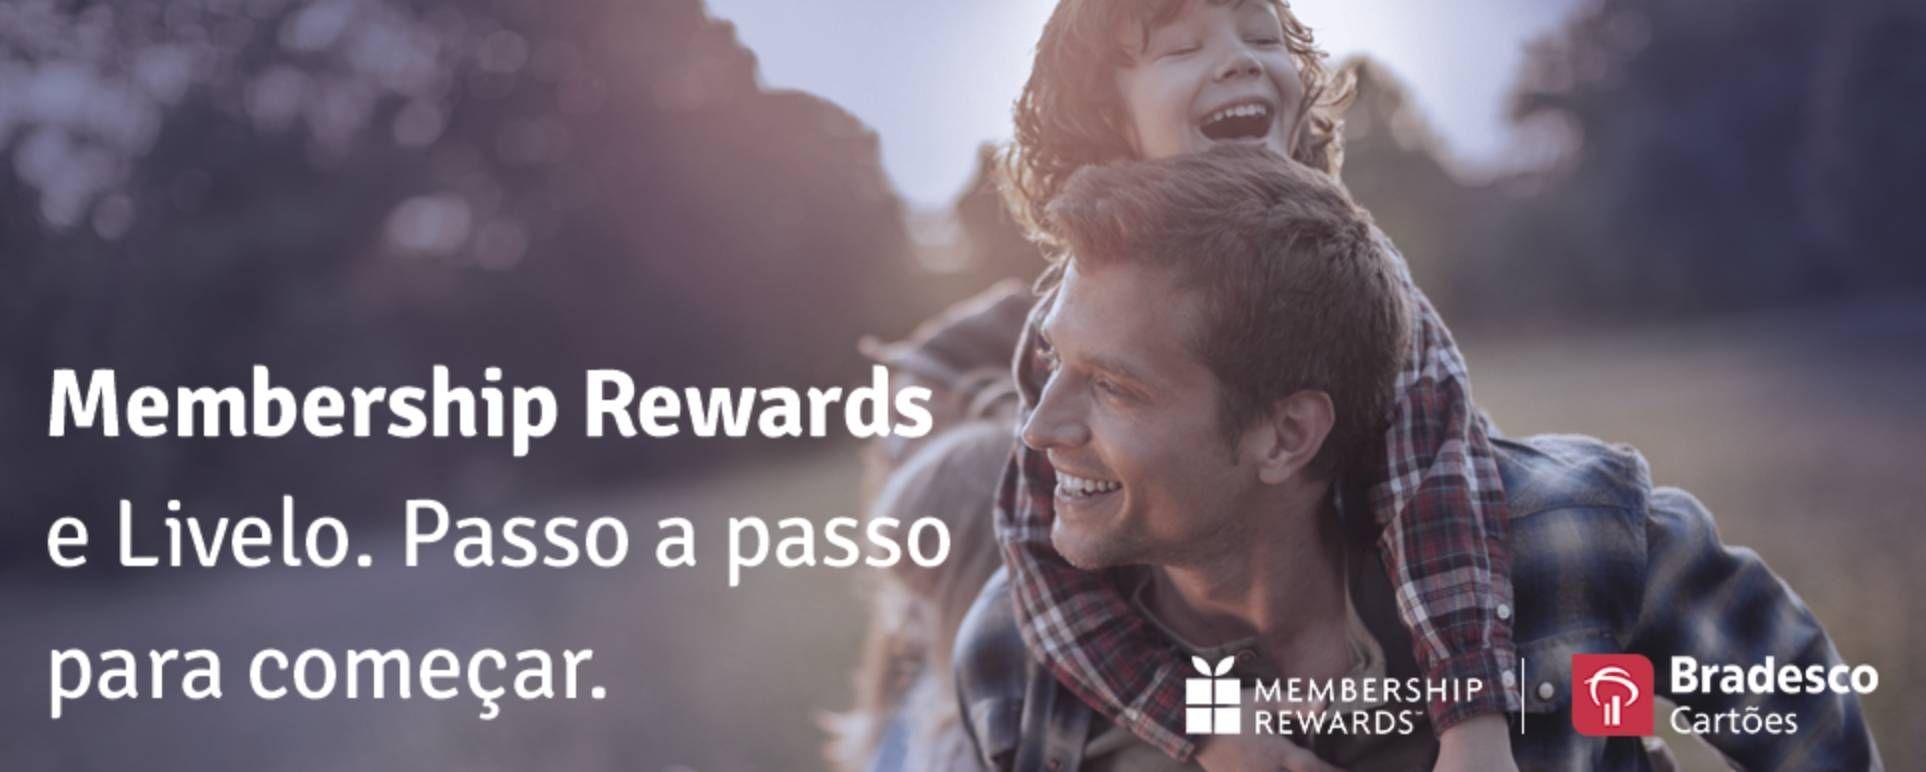 Clientes Membership Rewards já podem transferir seus pontos para a Livelo de forma online